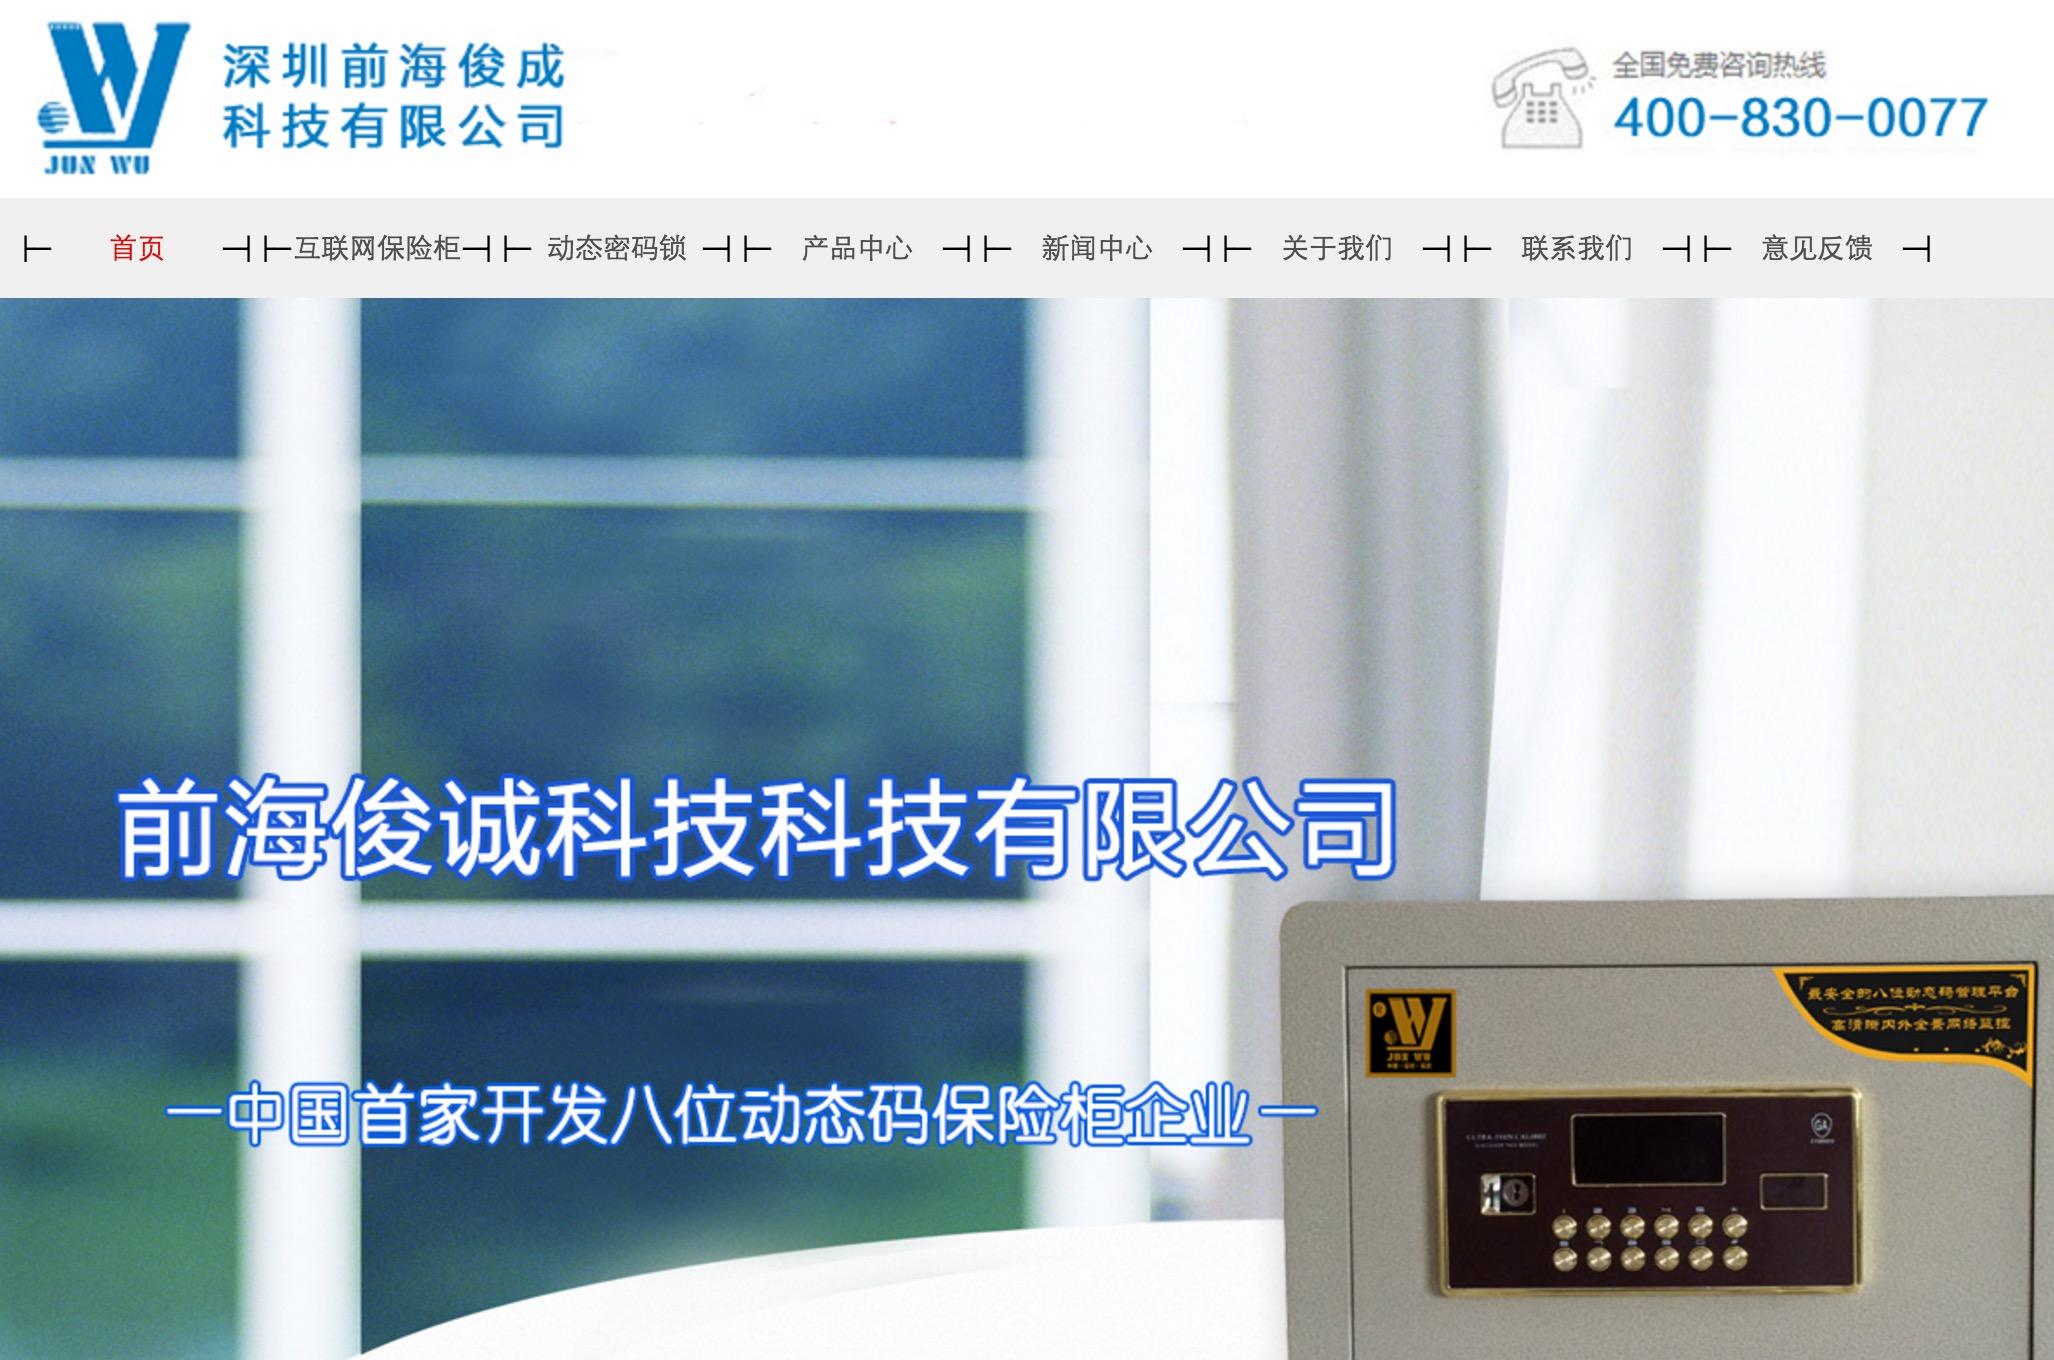 网站建设富海360合作客户互联网动态密码锁